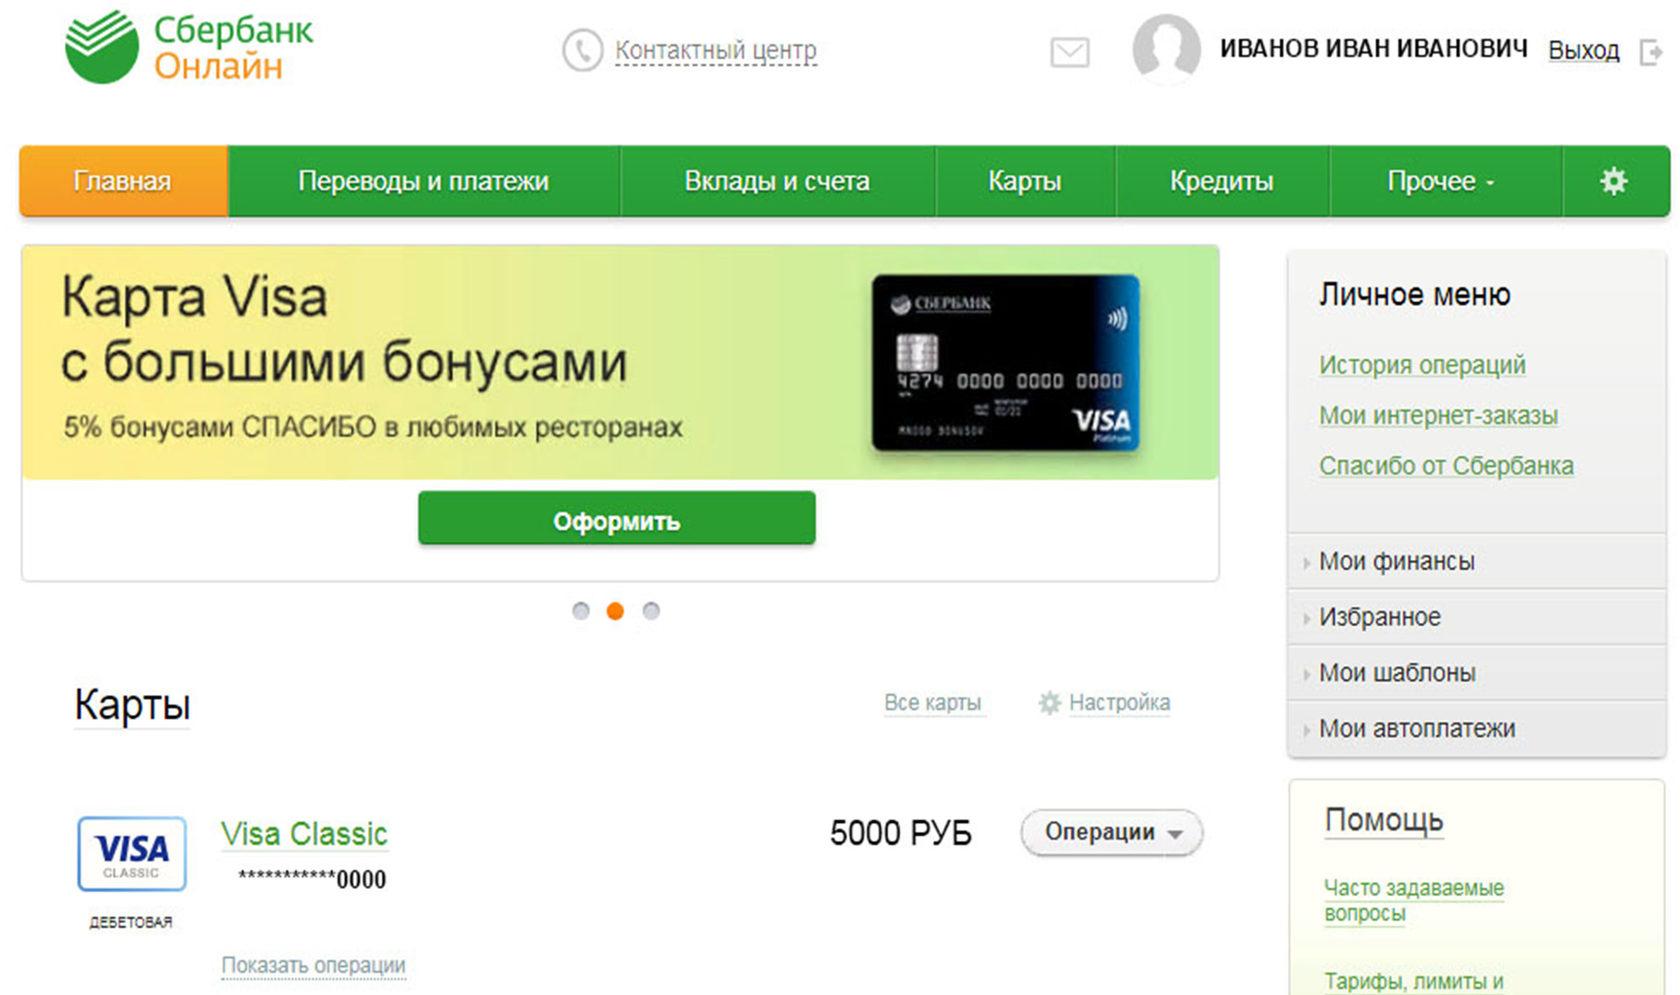 онлайн займ на банковский счет сбербанка